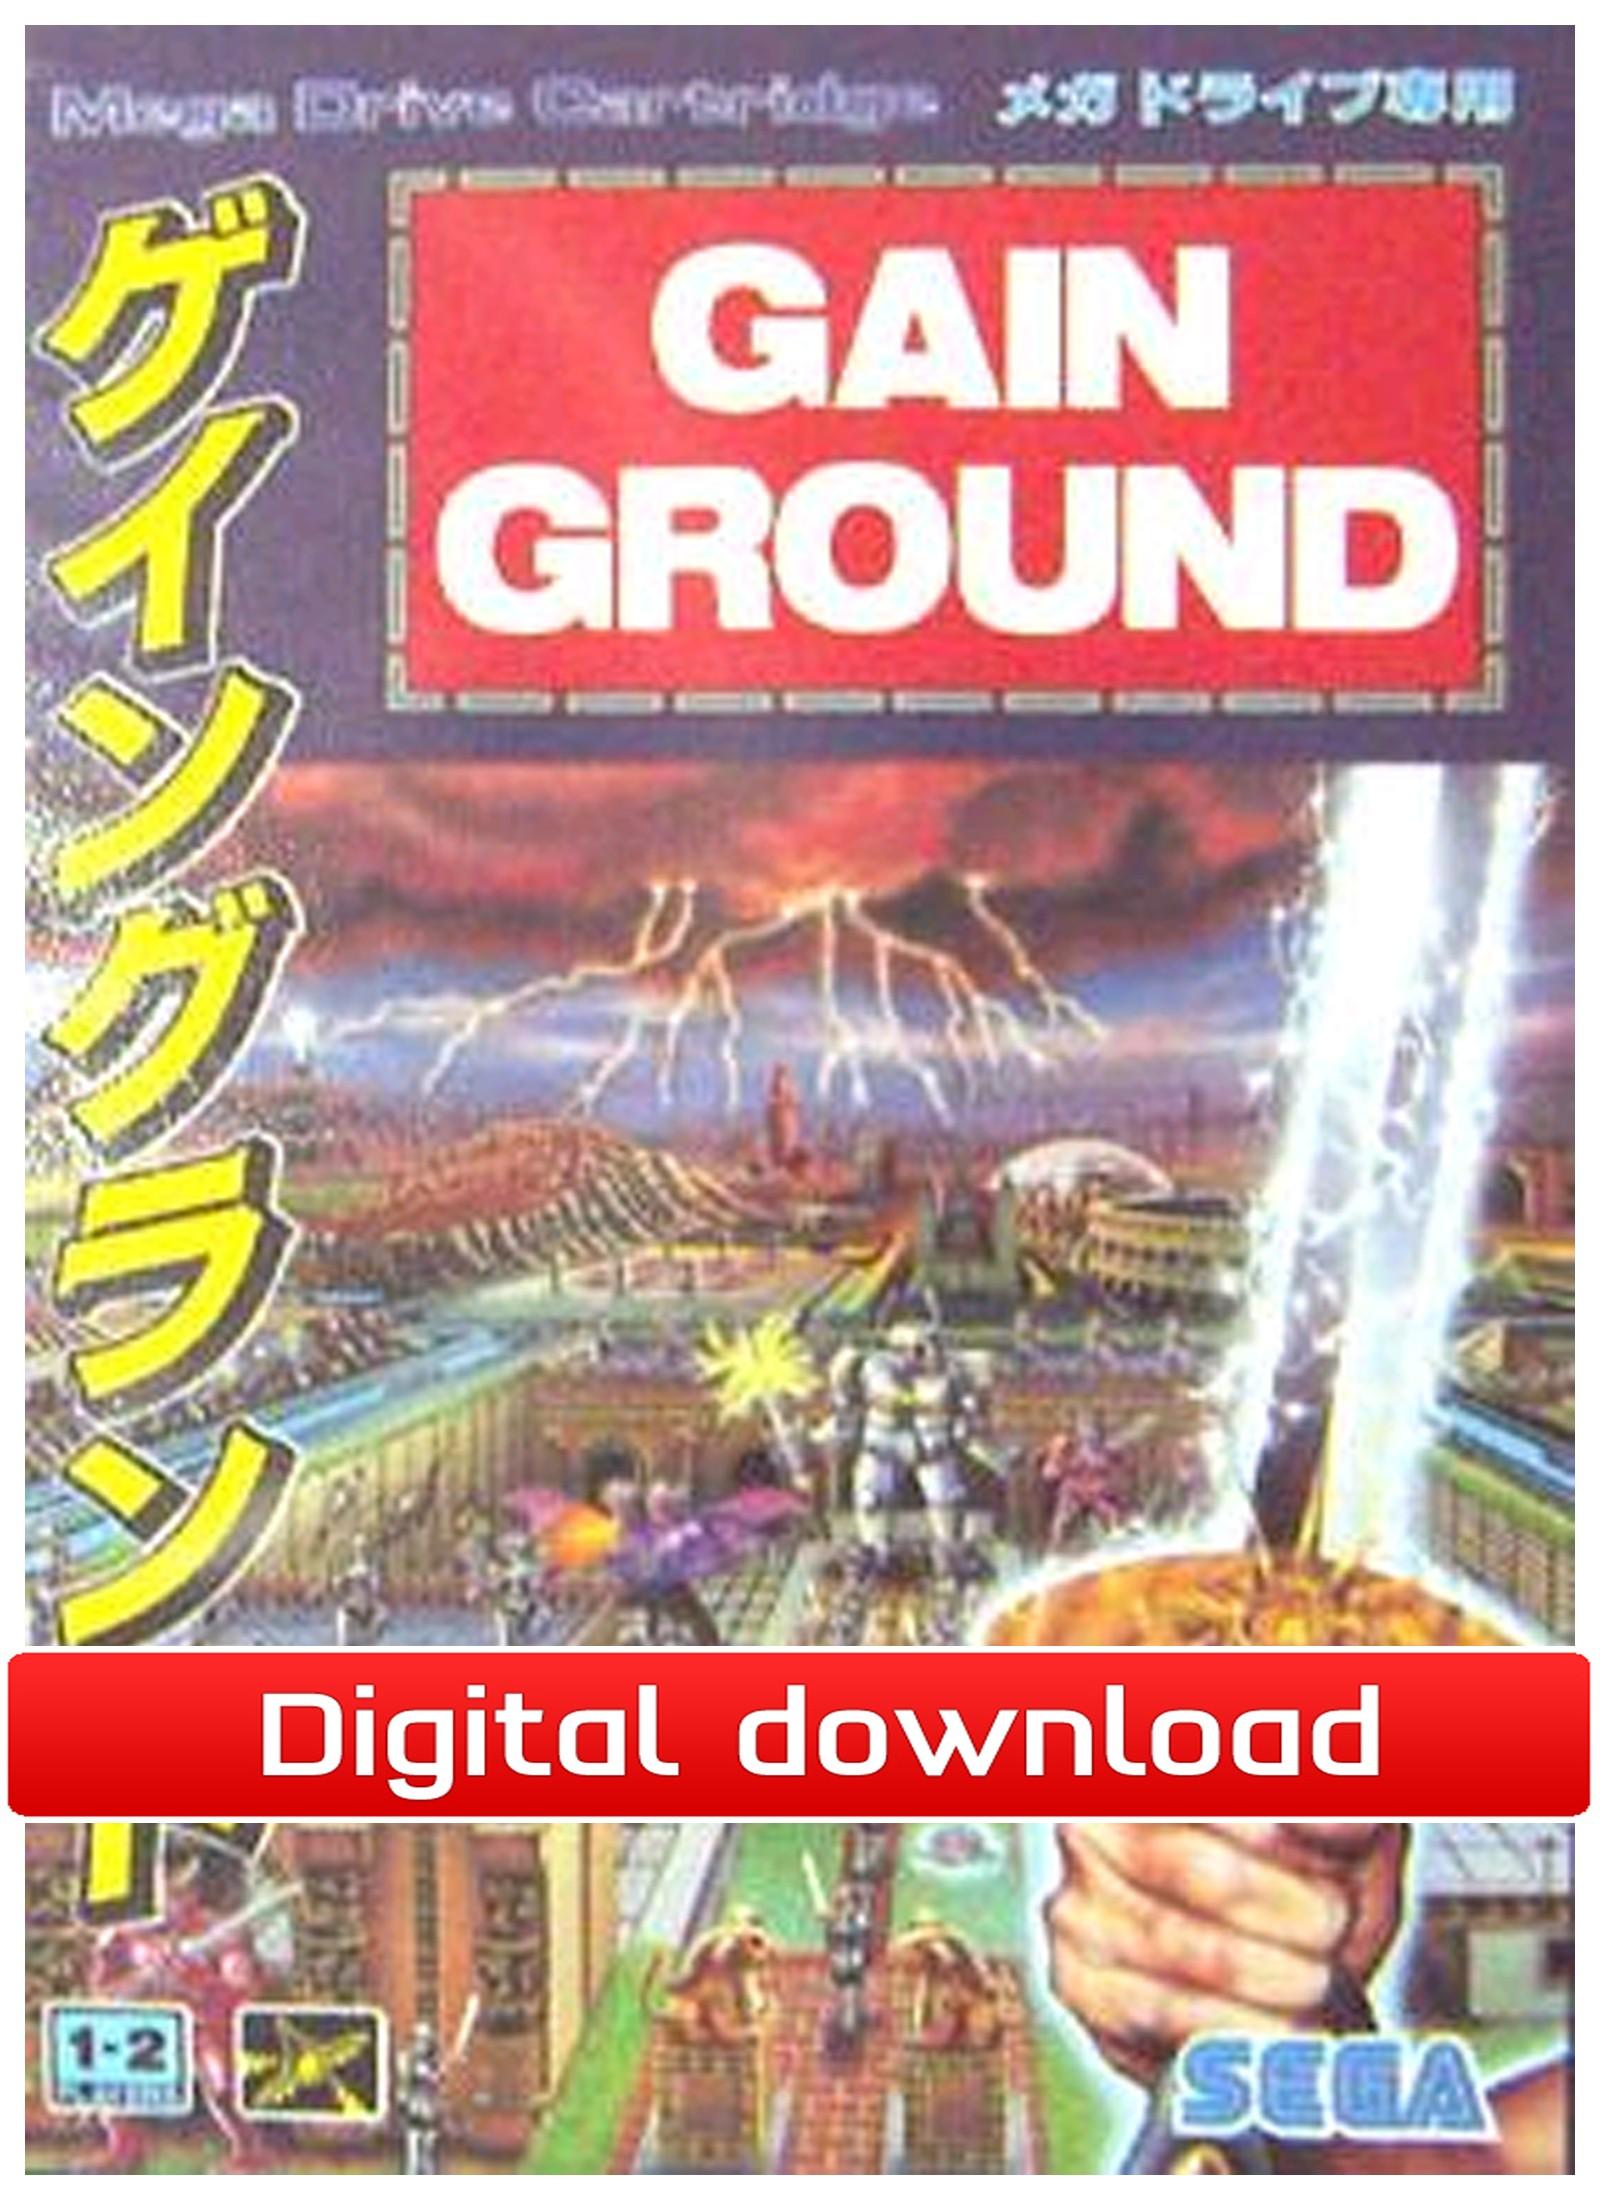 Gain Ground (PC nedlastning) PCDD23535